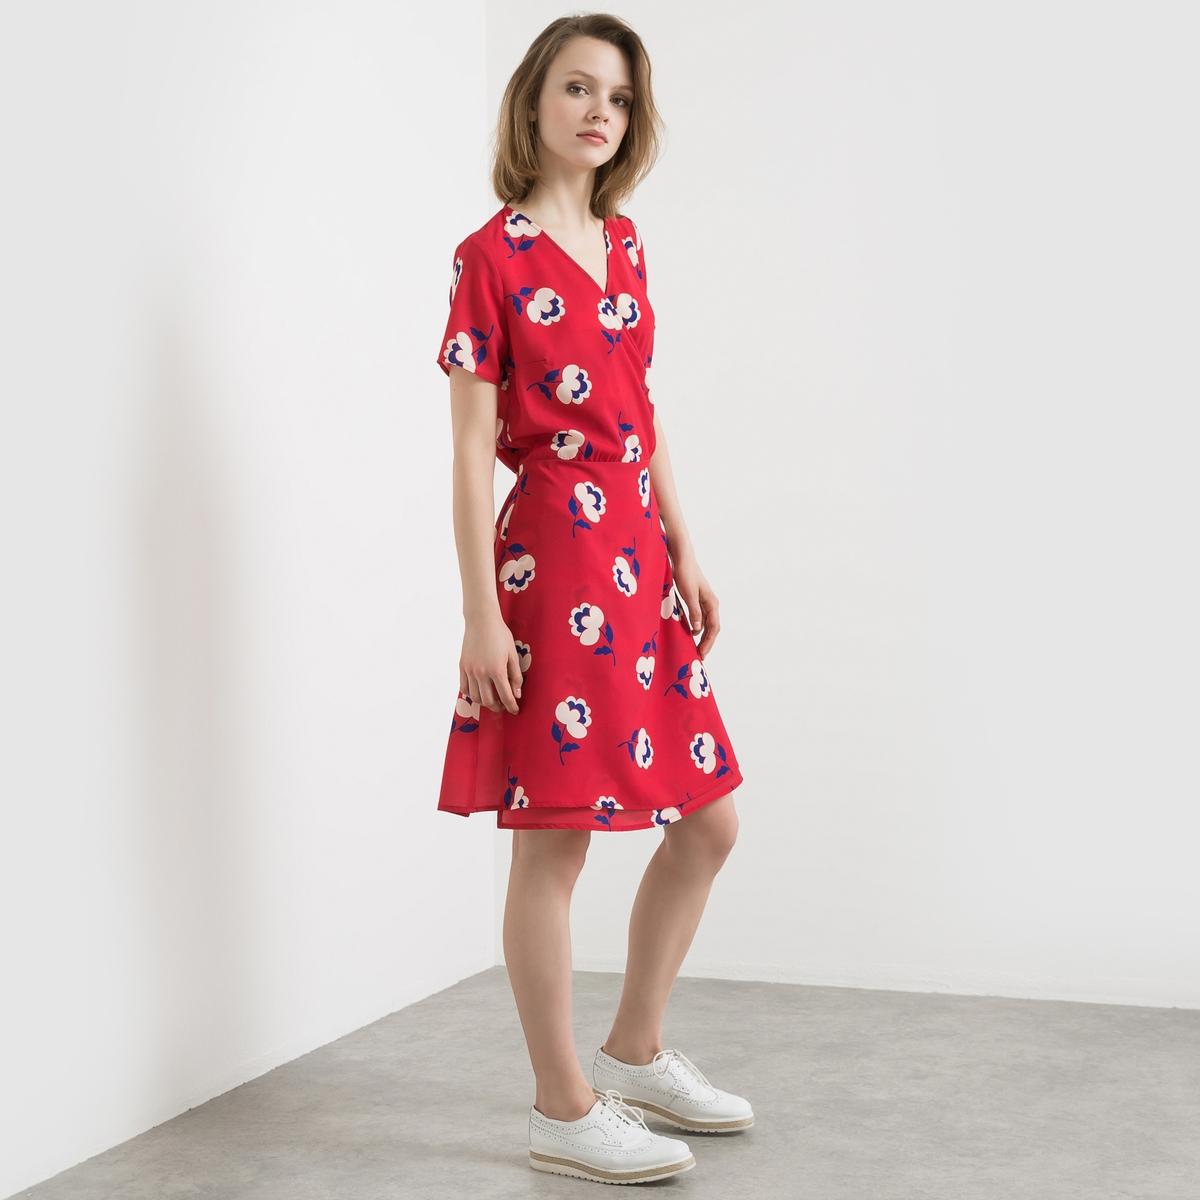 Платье с рисункомПлатье с рисунком, модель с нахлёстом. Ультра женственная модель с V-образным вырезом и нахлёстом спереди. Короткие рукава. Пояс с завязками сбоку.Состав и описаниеМатериал: 97% полиэстера, 3% эластанаДлина 95 смБренд: Mademoiselle R<br><br>Цвет: красный наб. рисунок<br>Размер: 34 (FR) - 40 (RUS).42 (FR) - 48 (RUS)